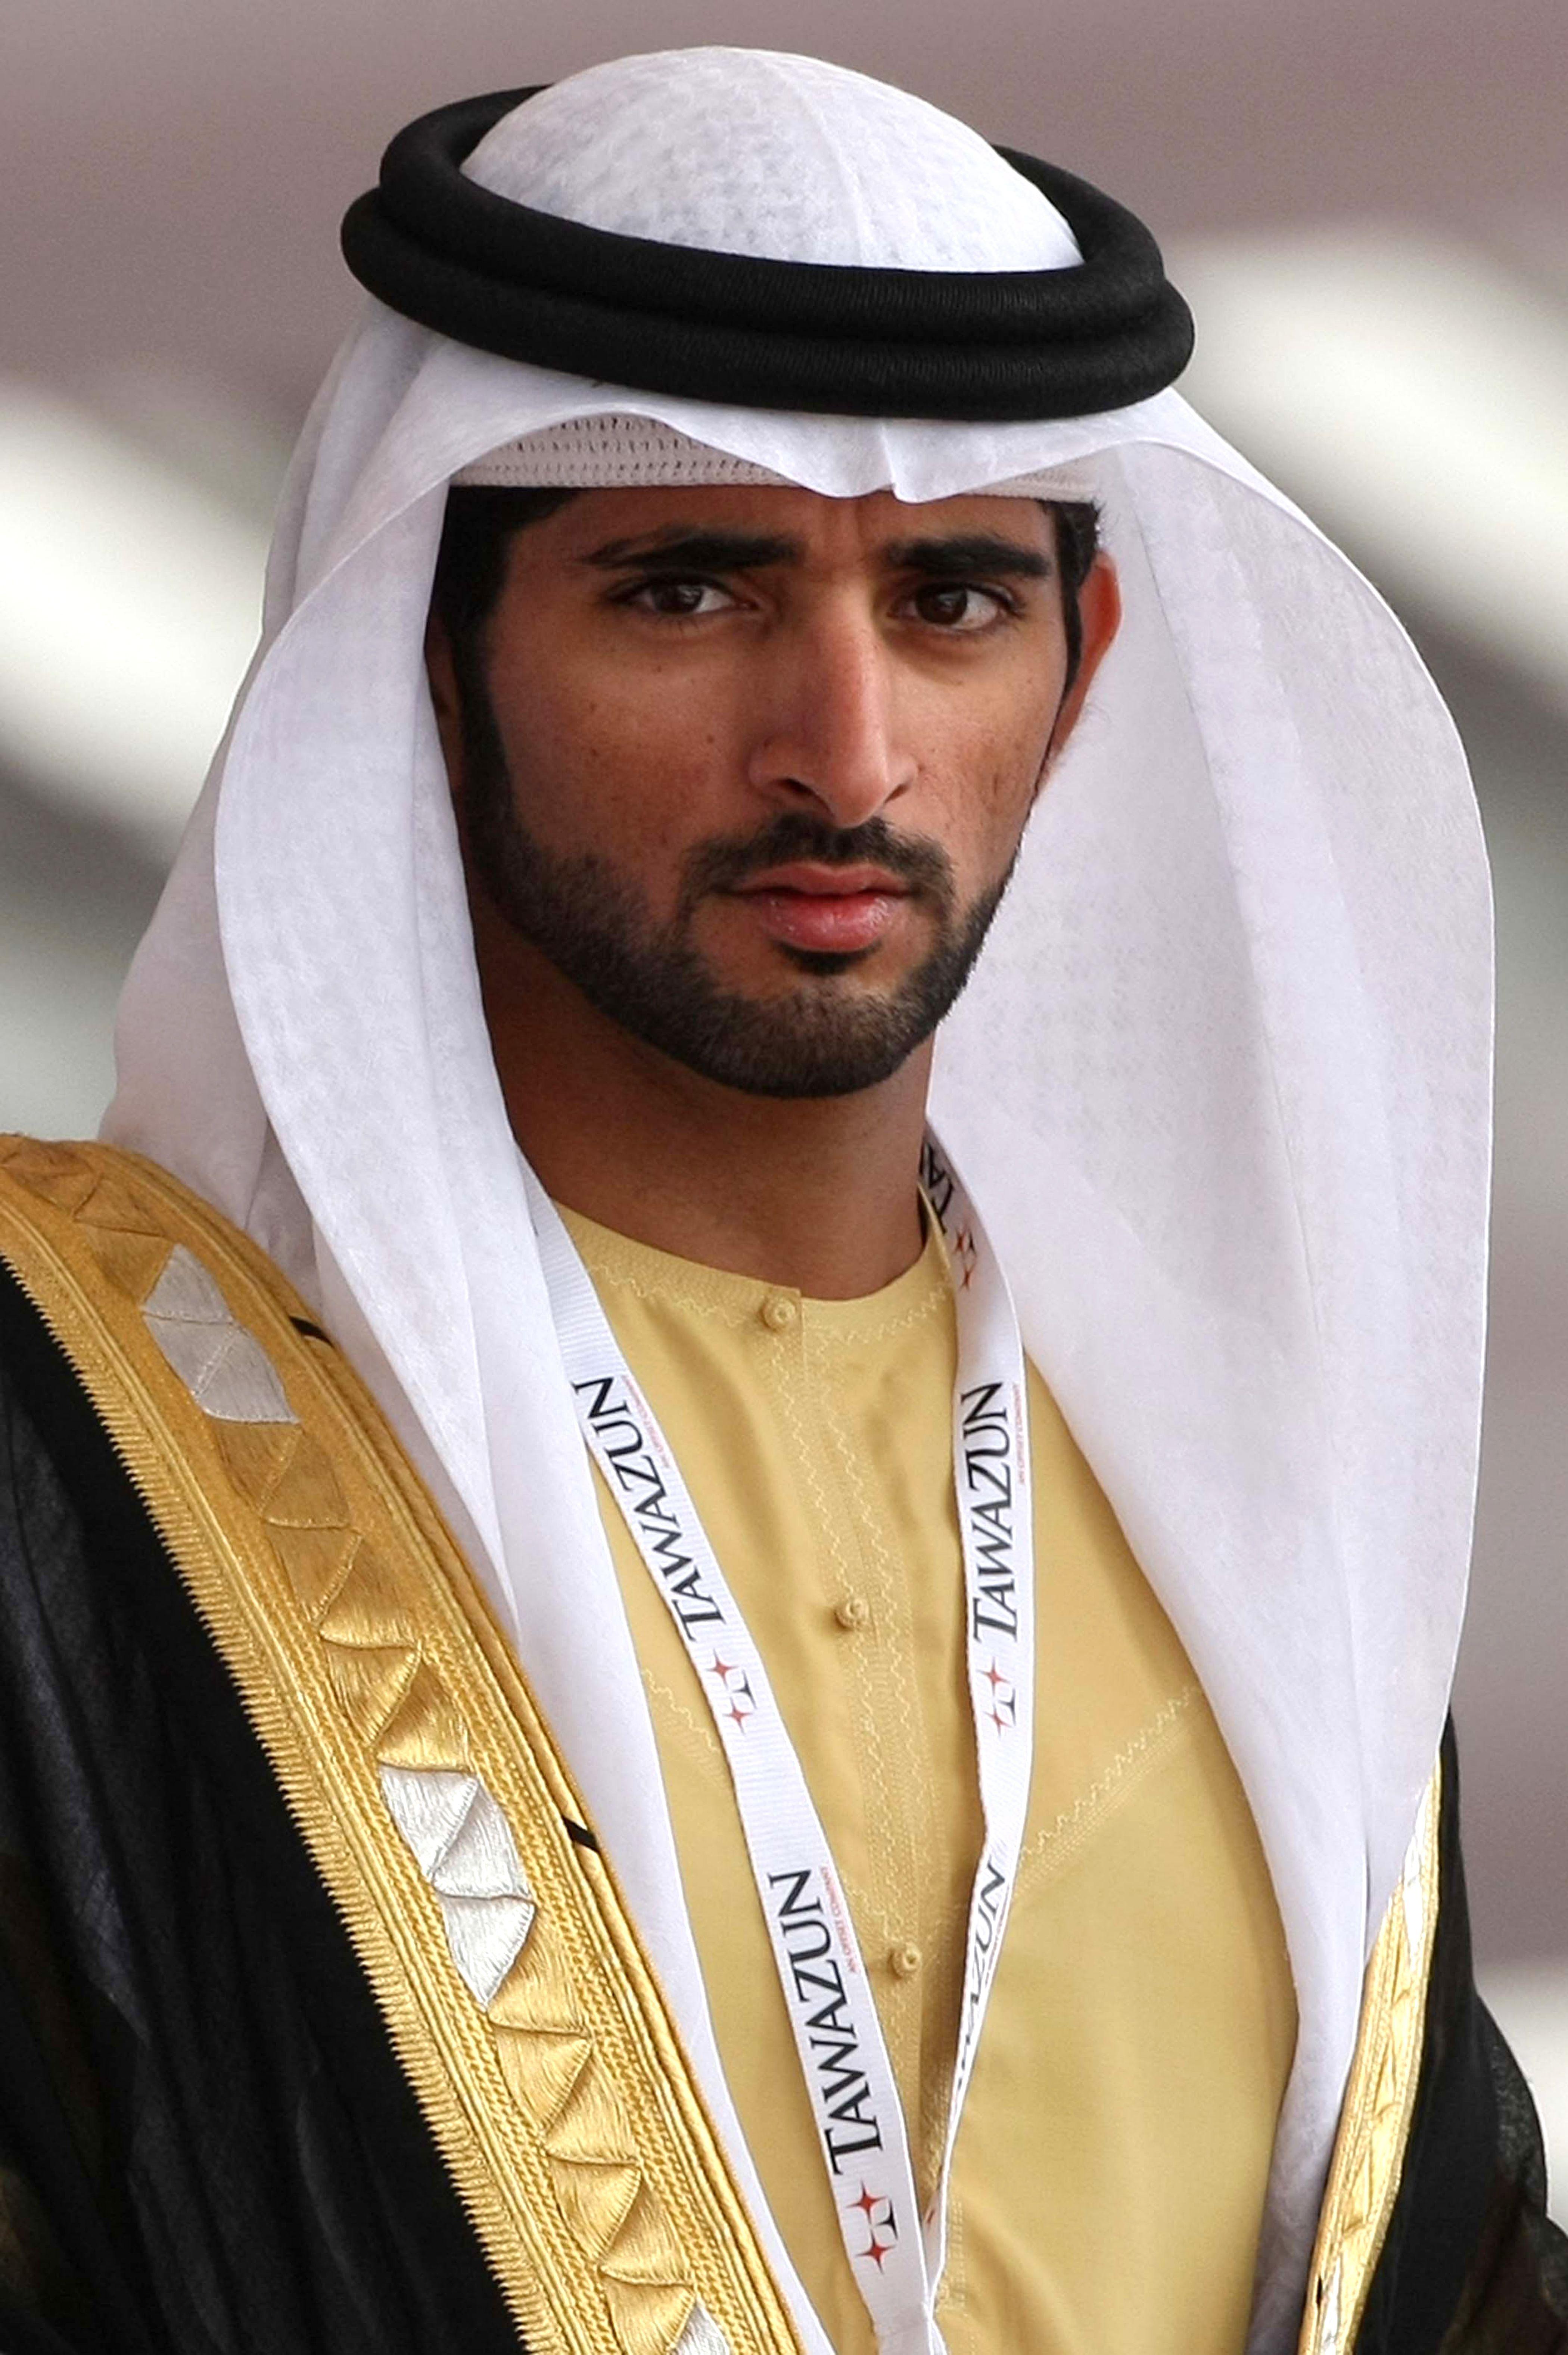 принц эмиратов фото делает